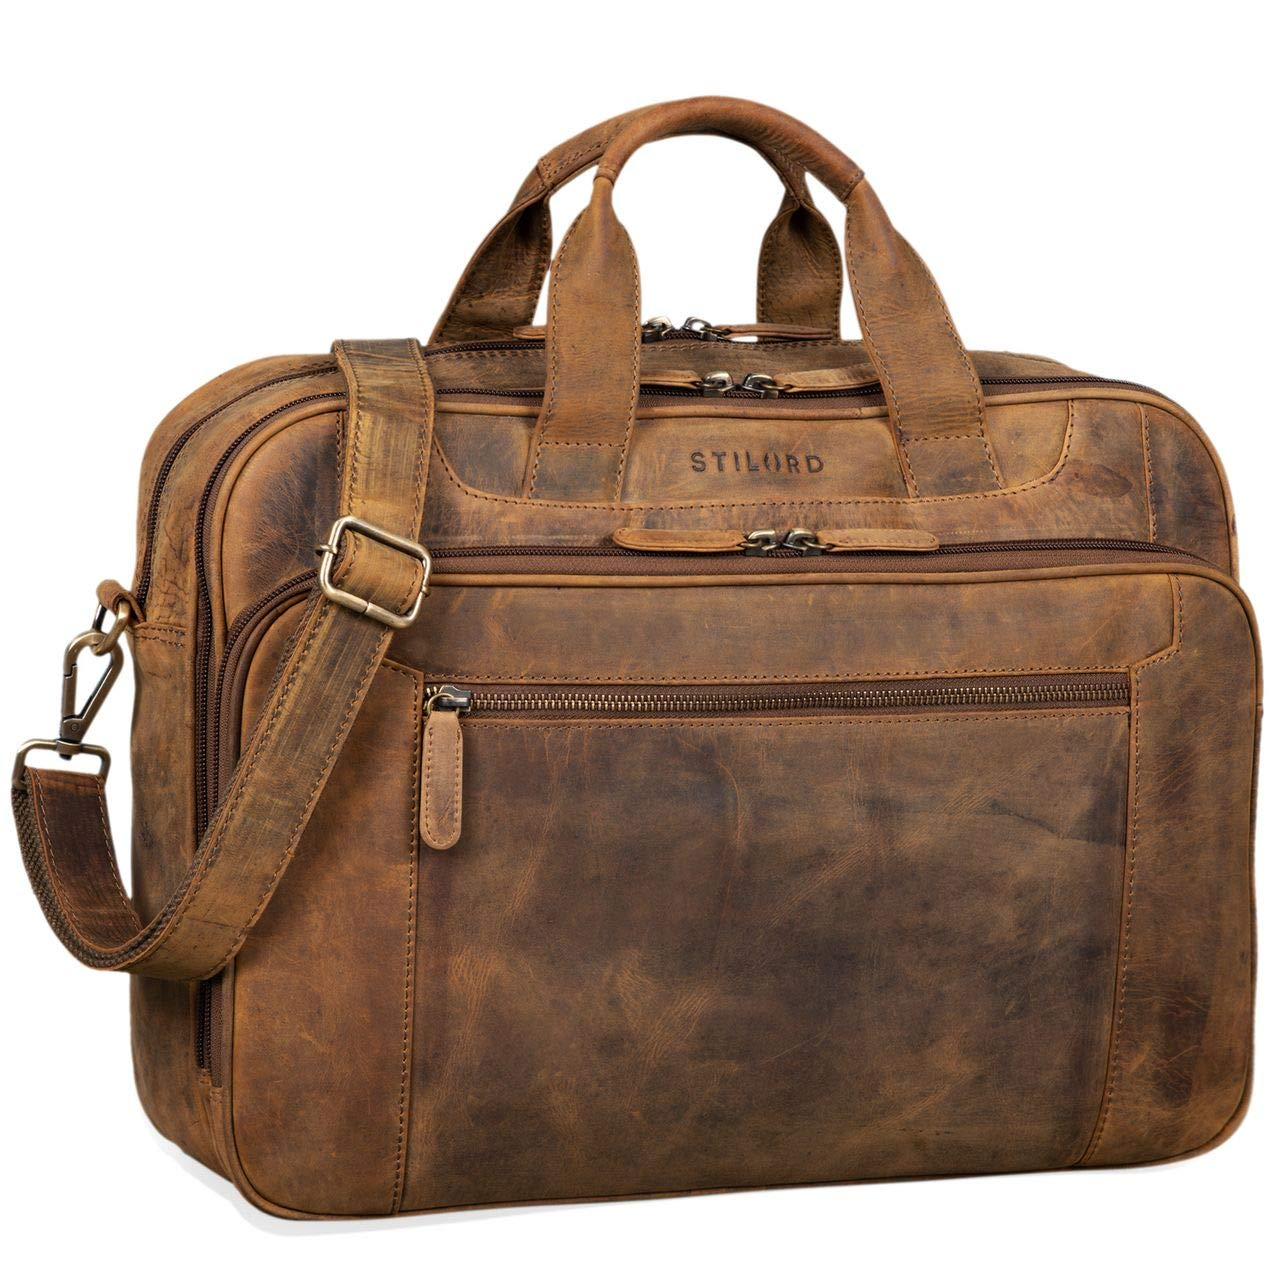 STILORD 'Nelson' Businesstasche Herren Leder 15,6 Zoll Laptoptasche Groß Aktentasche Umhängetasche aus Vintage Rindsleder, Farbe:dunkel - braun